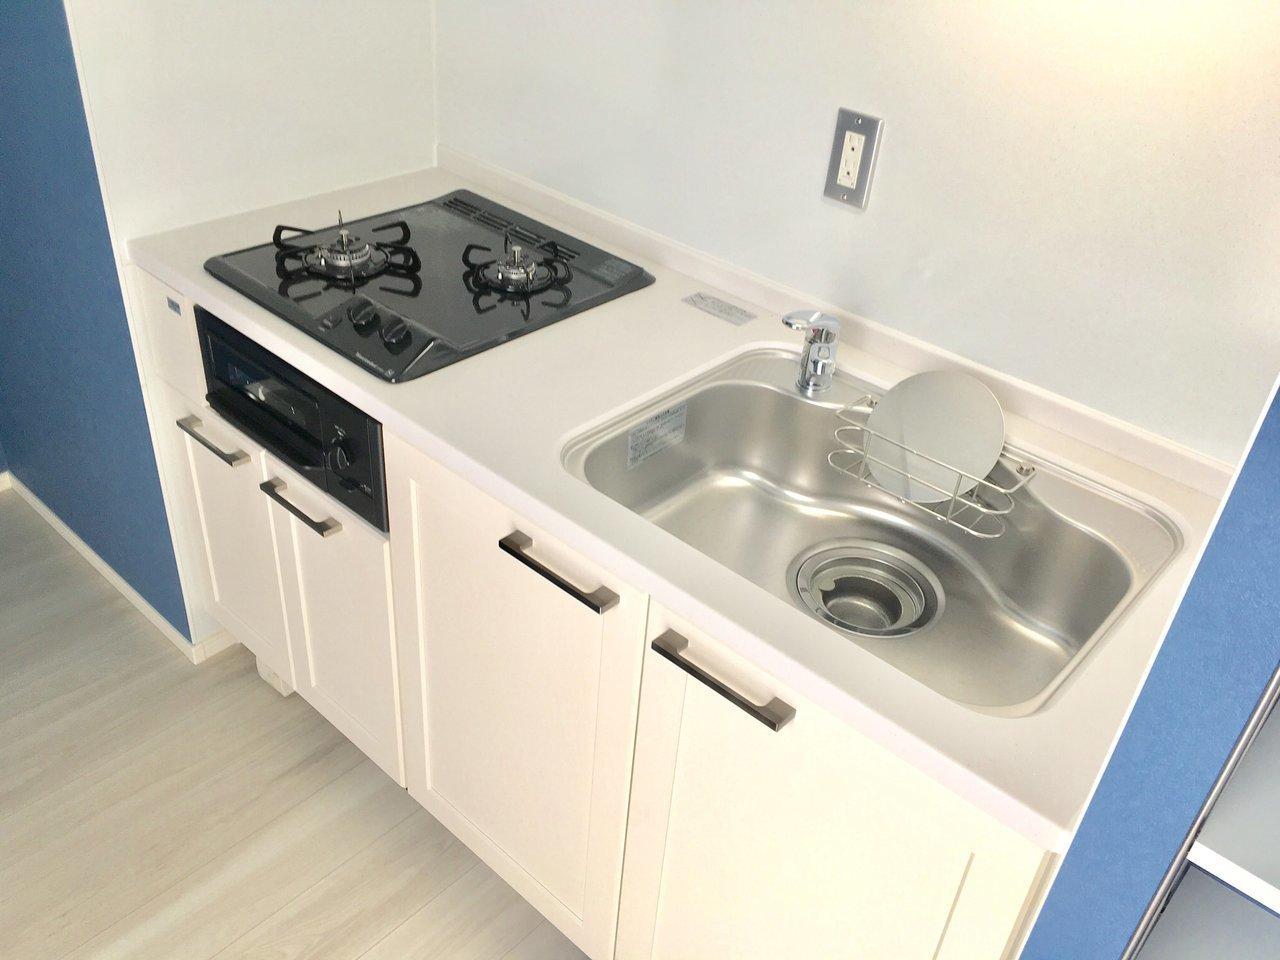 新築物件の良いところは、設備がかなりしっかりしたものがついていること。キッチンもデザイン、機能ともに十分です。